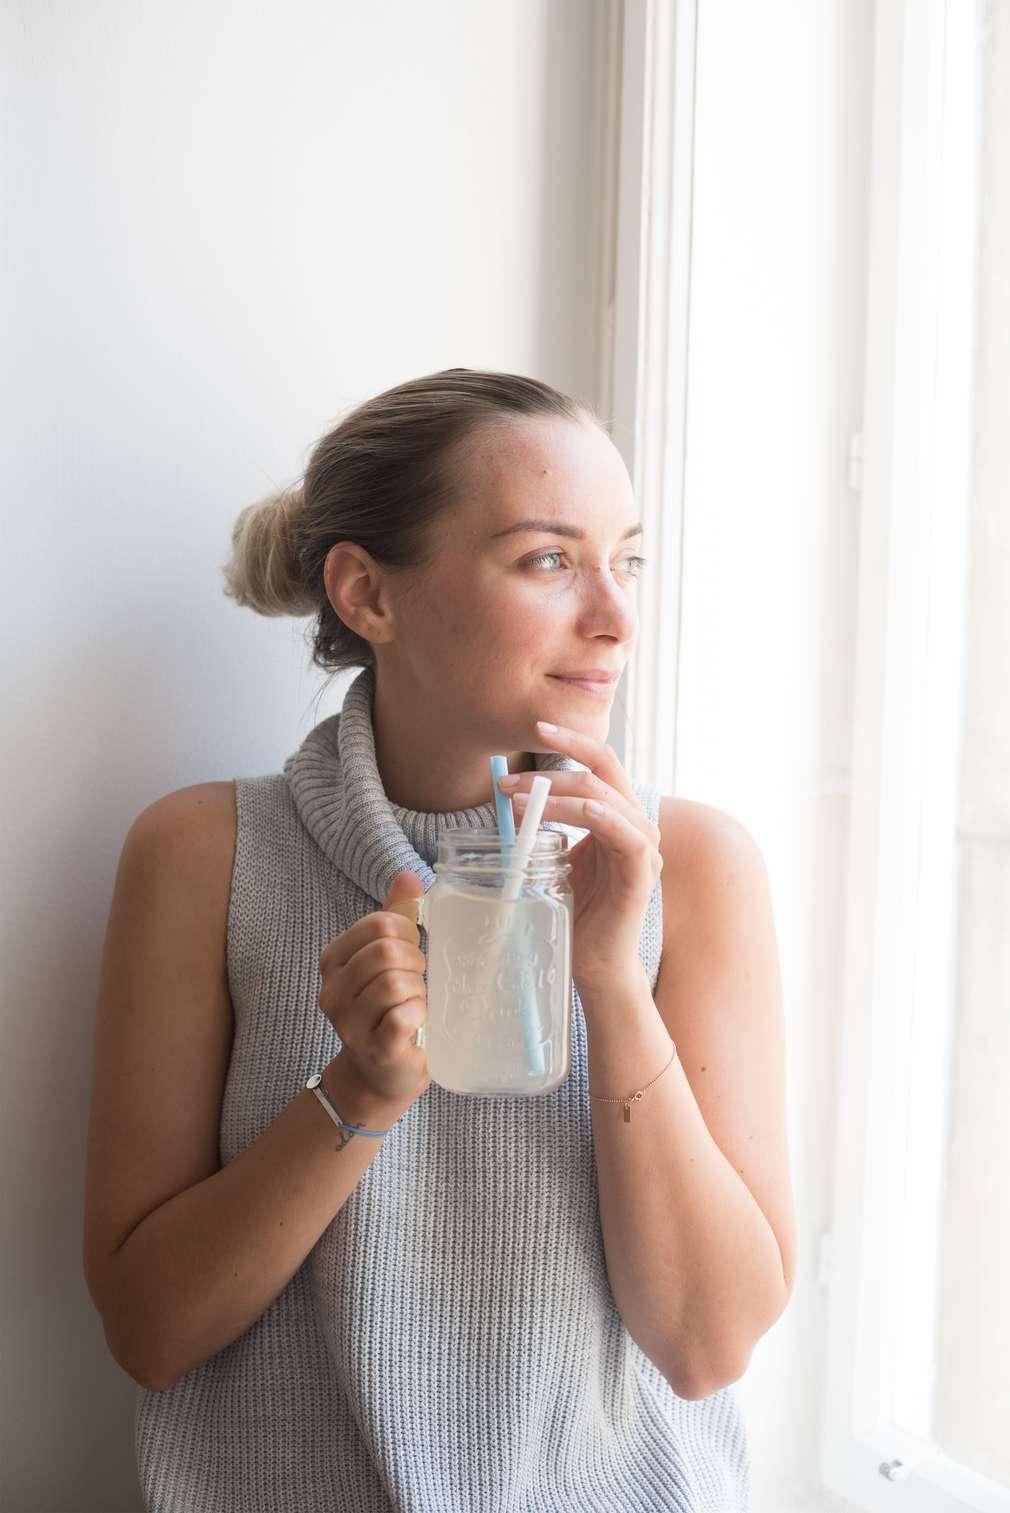 Frisch gebloggt: Eure Fragen zu Clean Eating – Our Clean Journey antwortet!